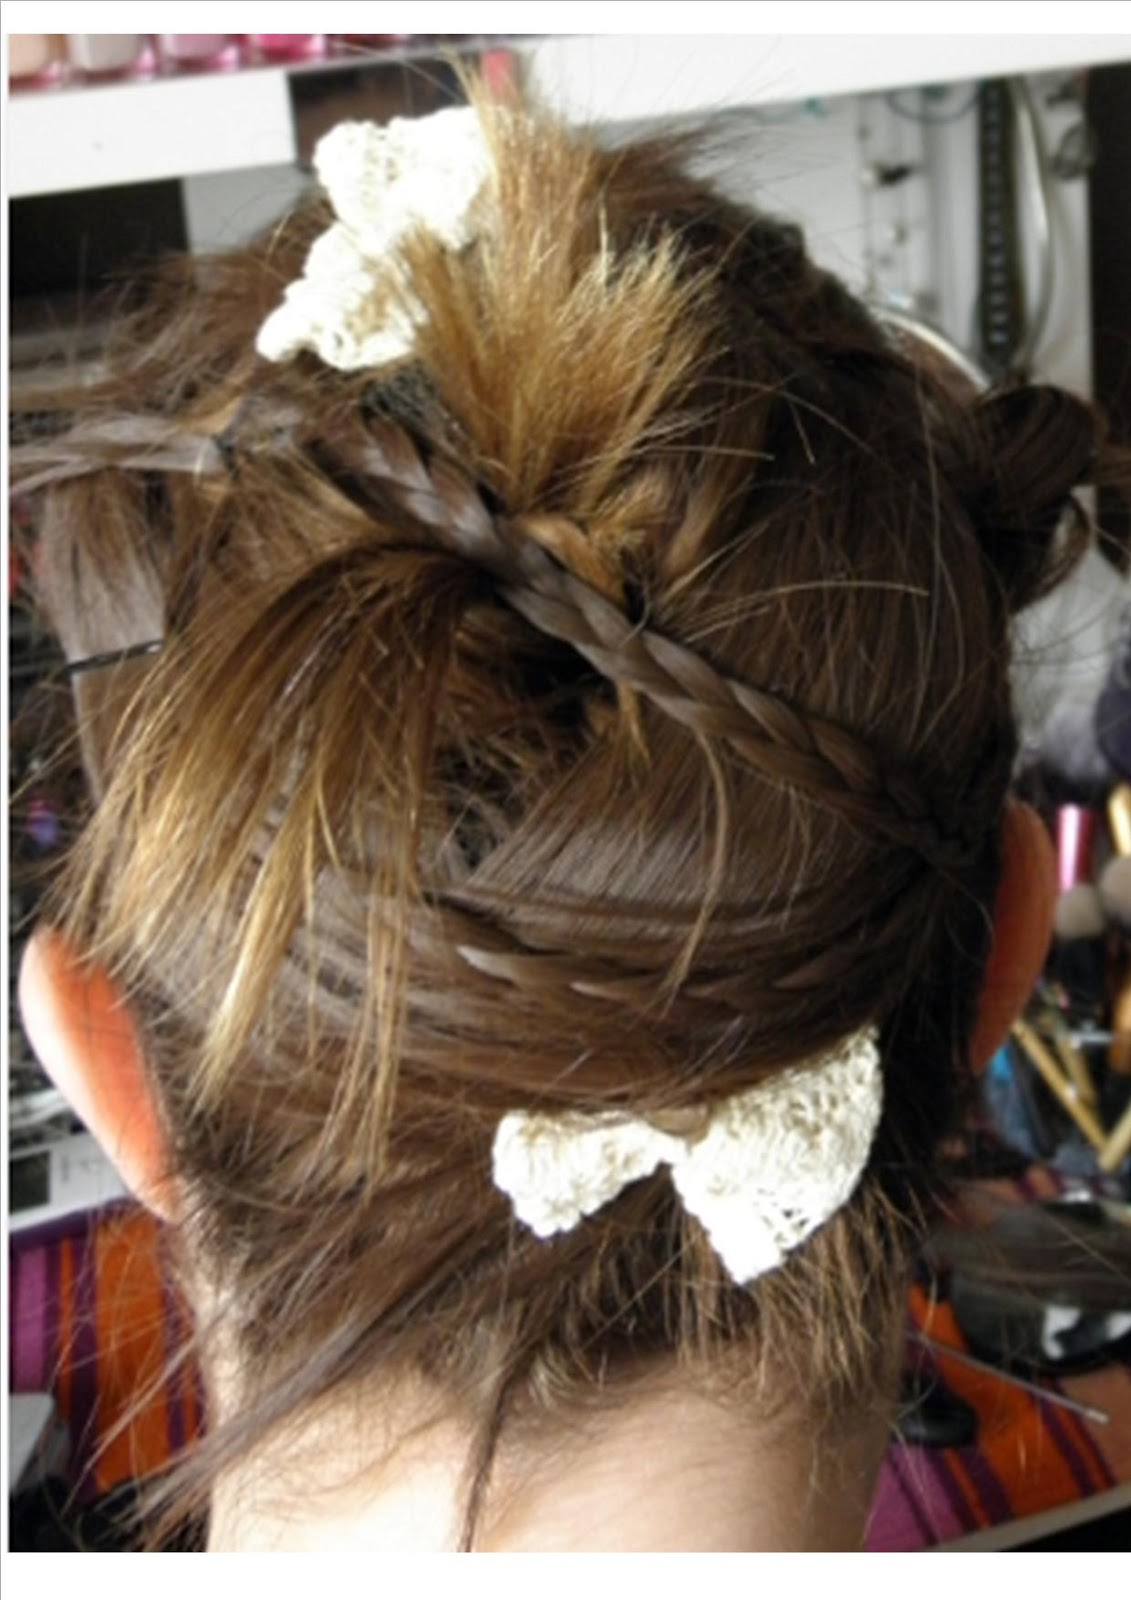 Meilleur salon coiffure afro antillais top model coiffure for Salon coiffure afro antillais